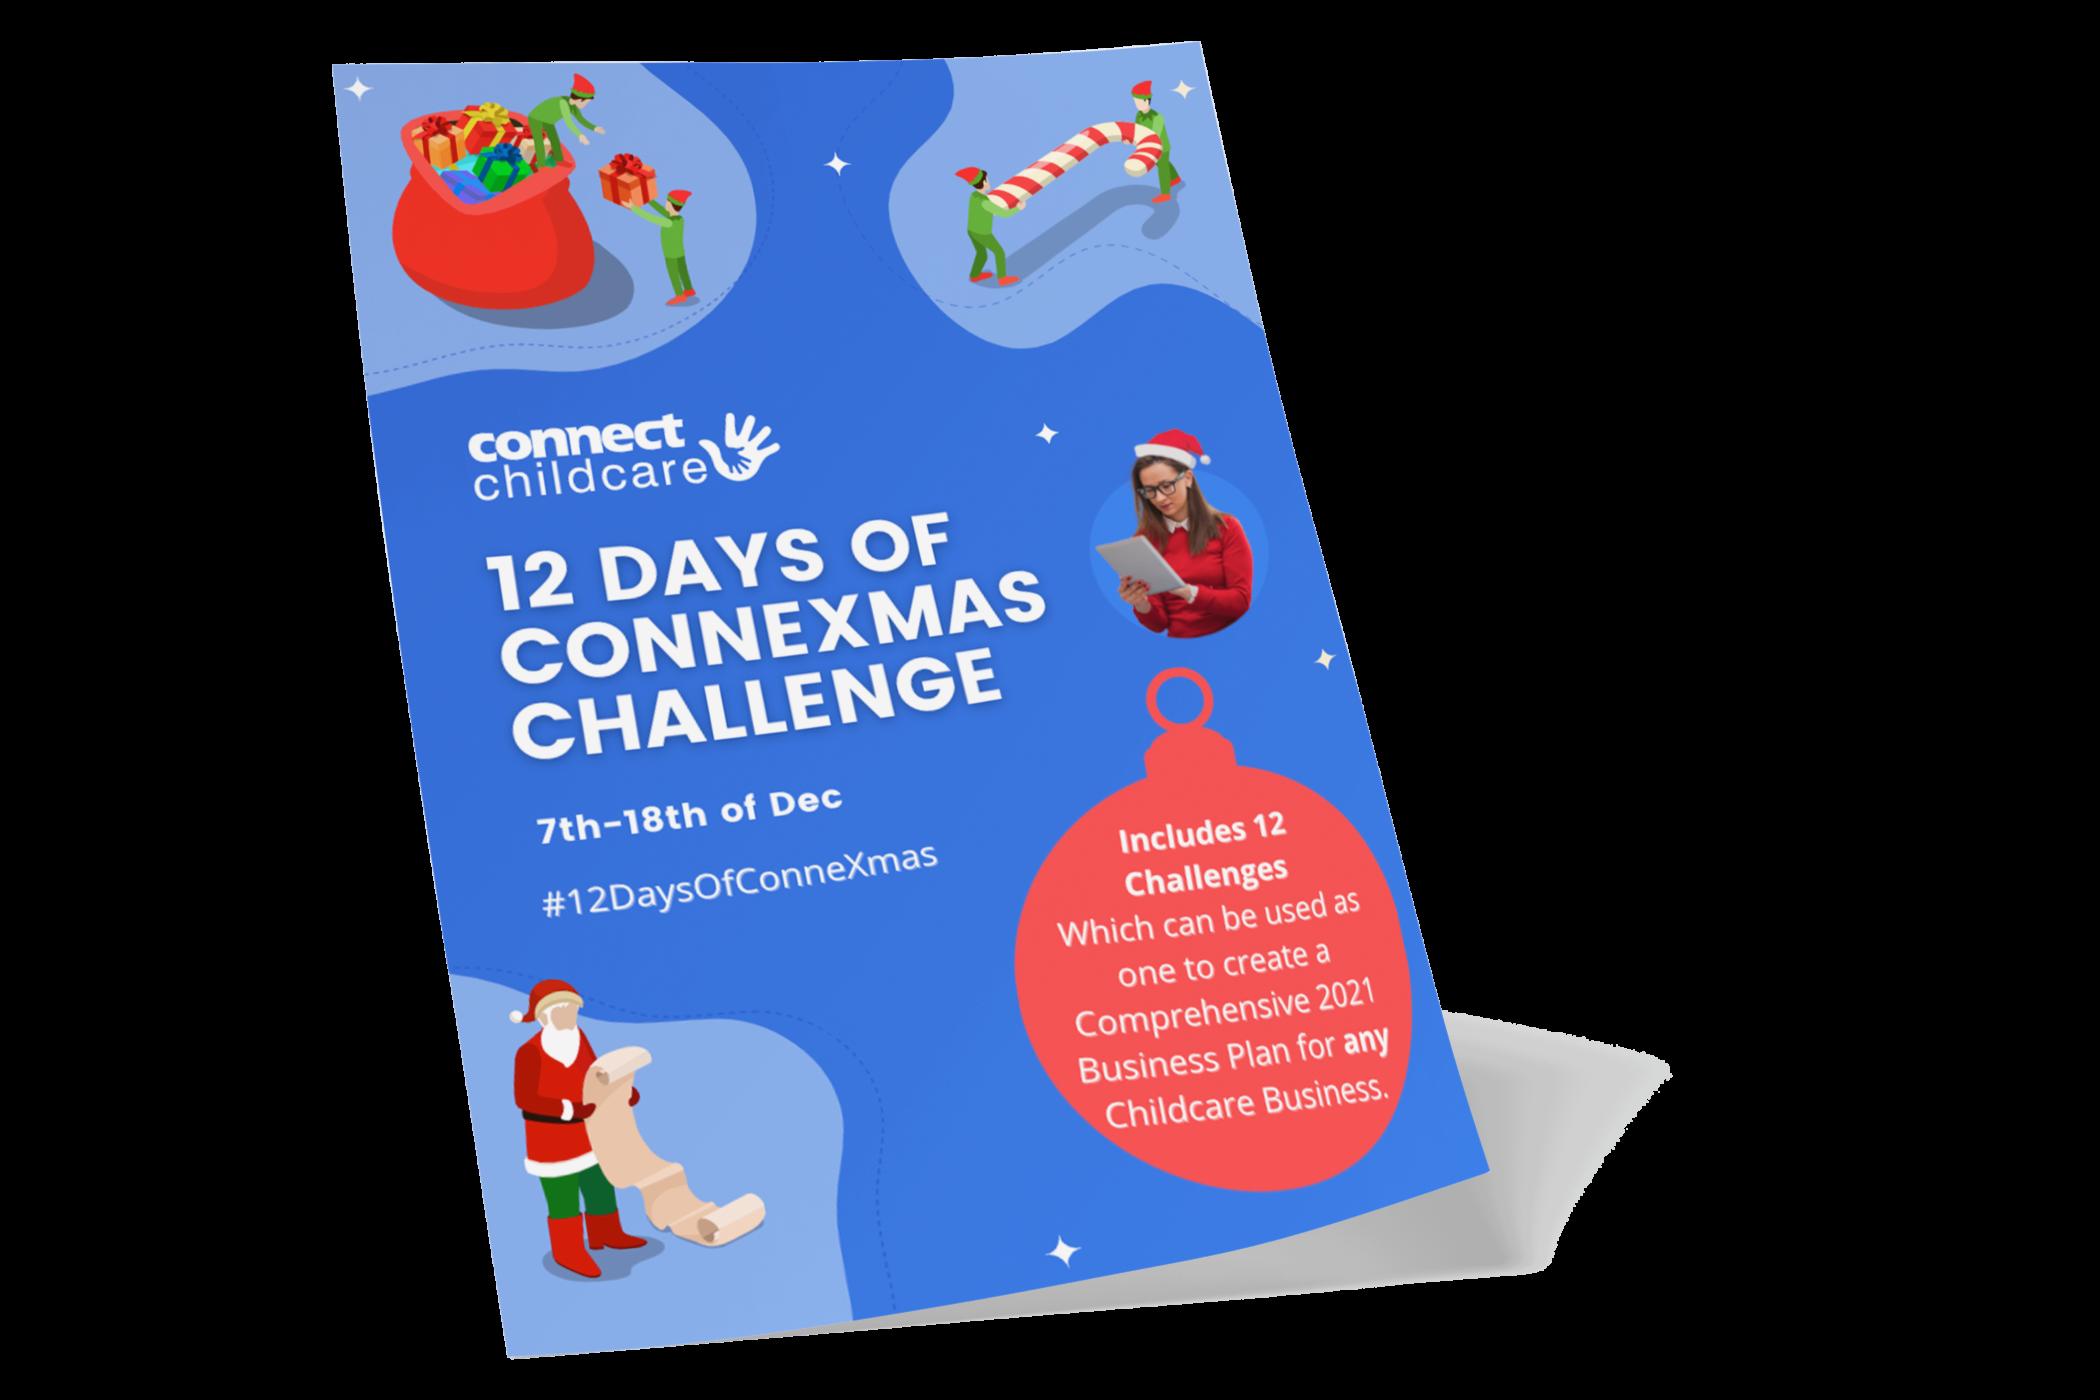 ConneXmas Challenge